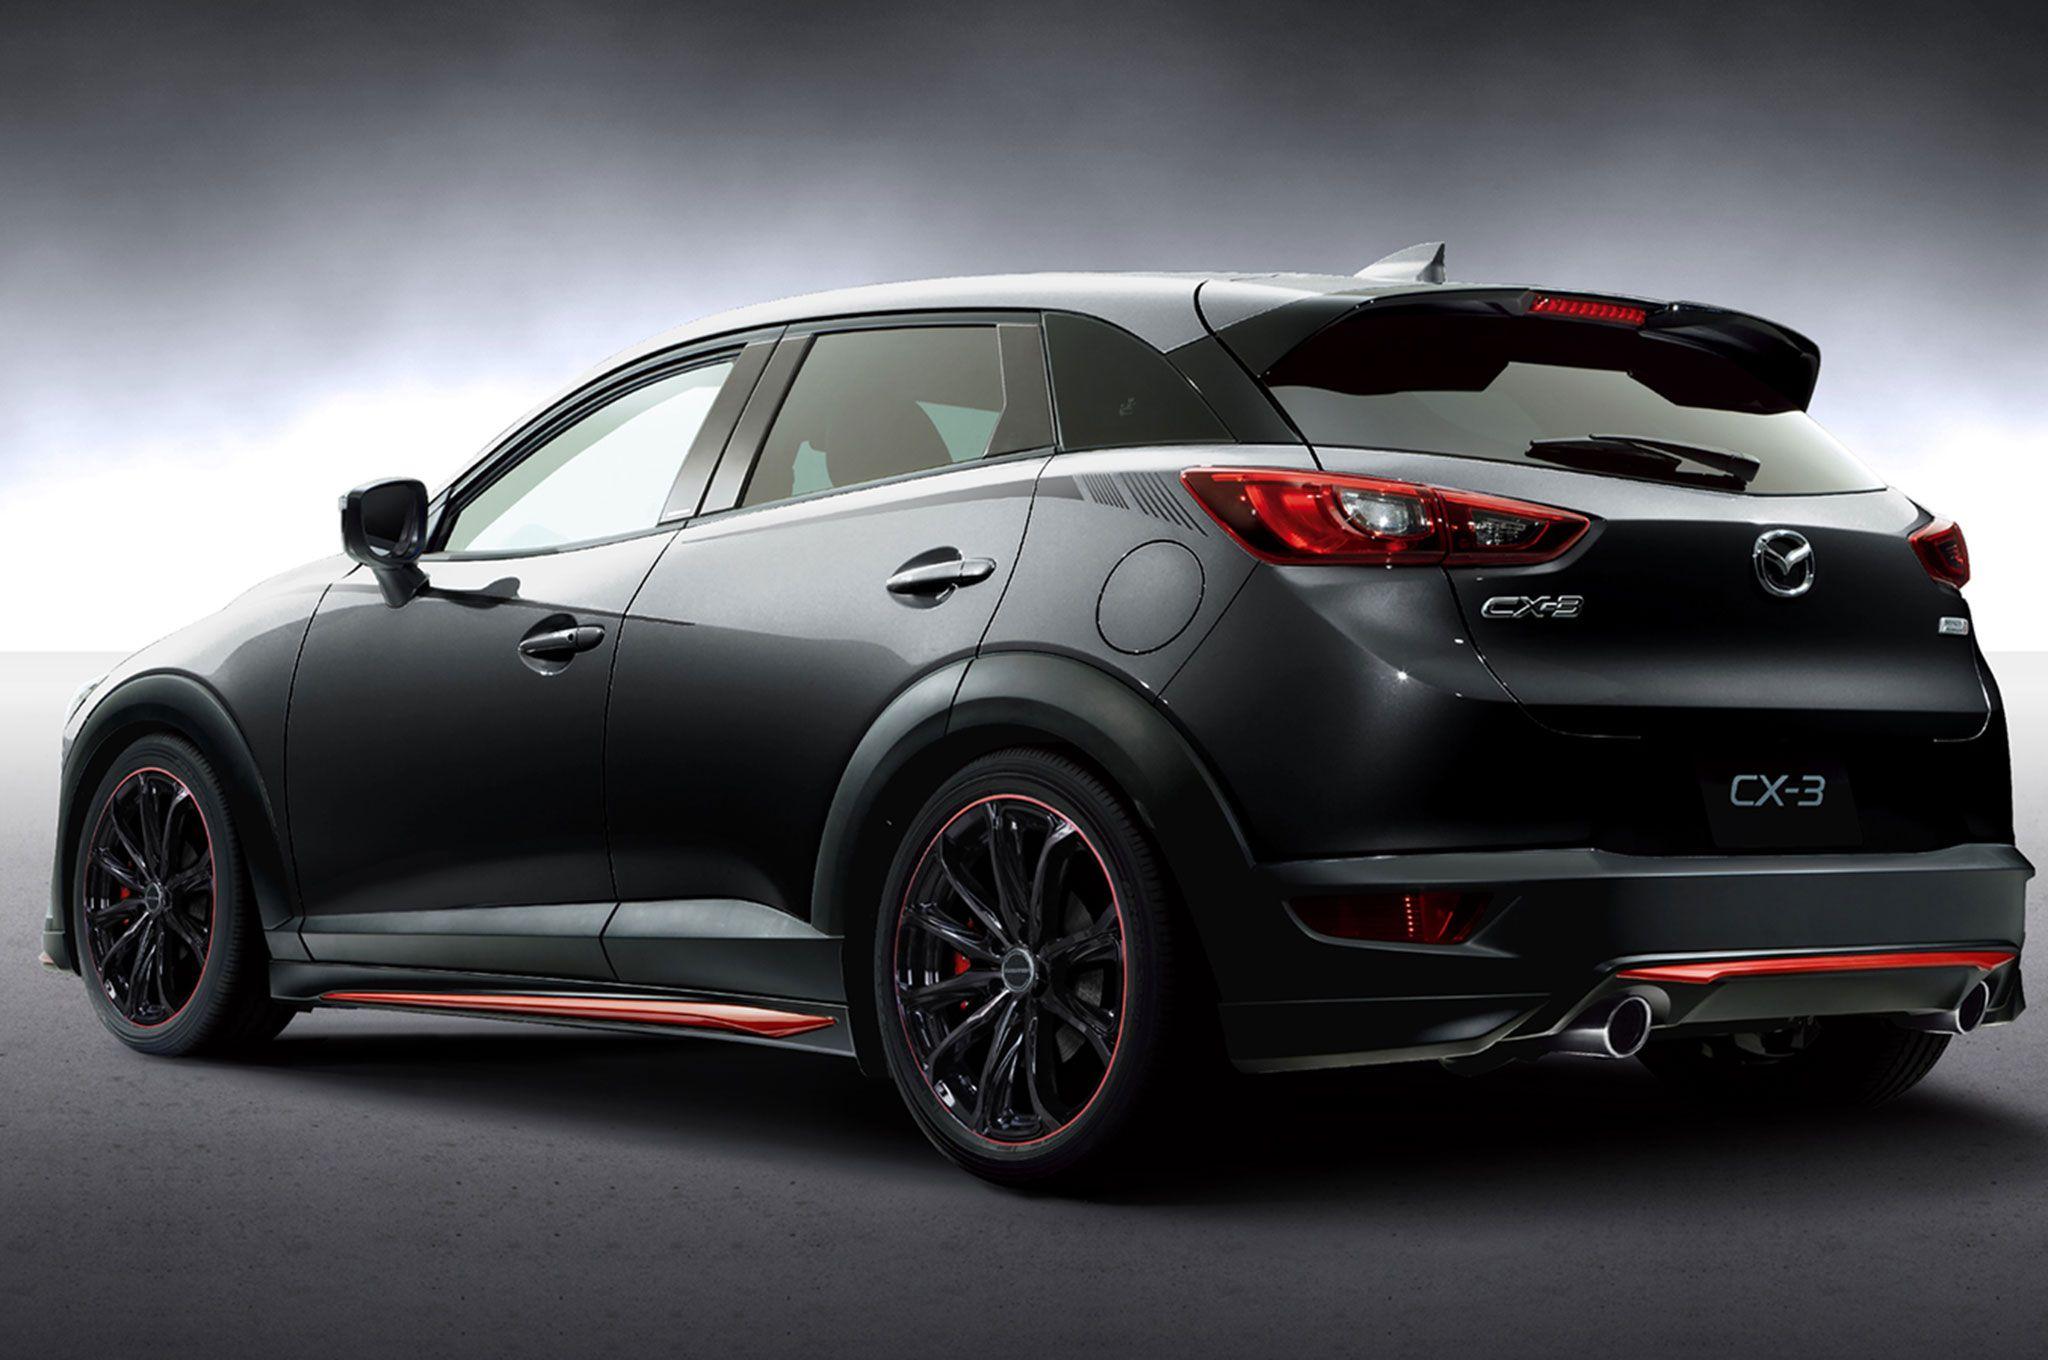 Mazda Cx3 Racing Concept Rear Three Quarters